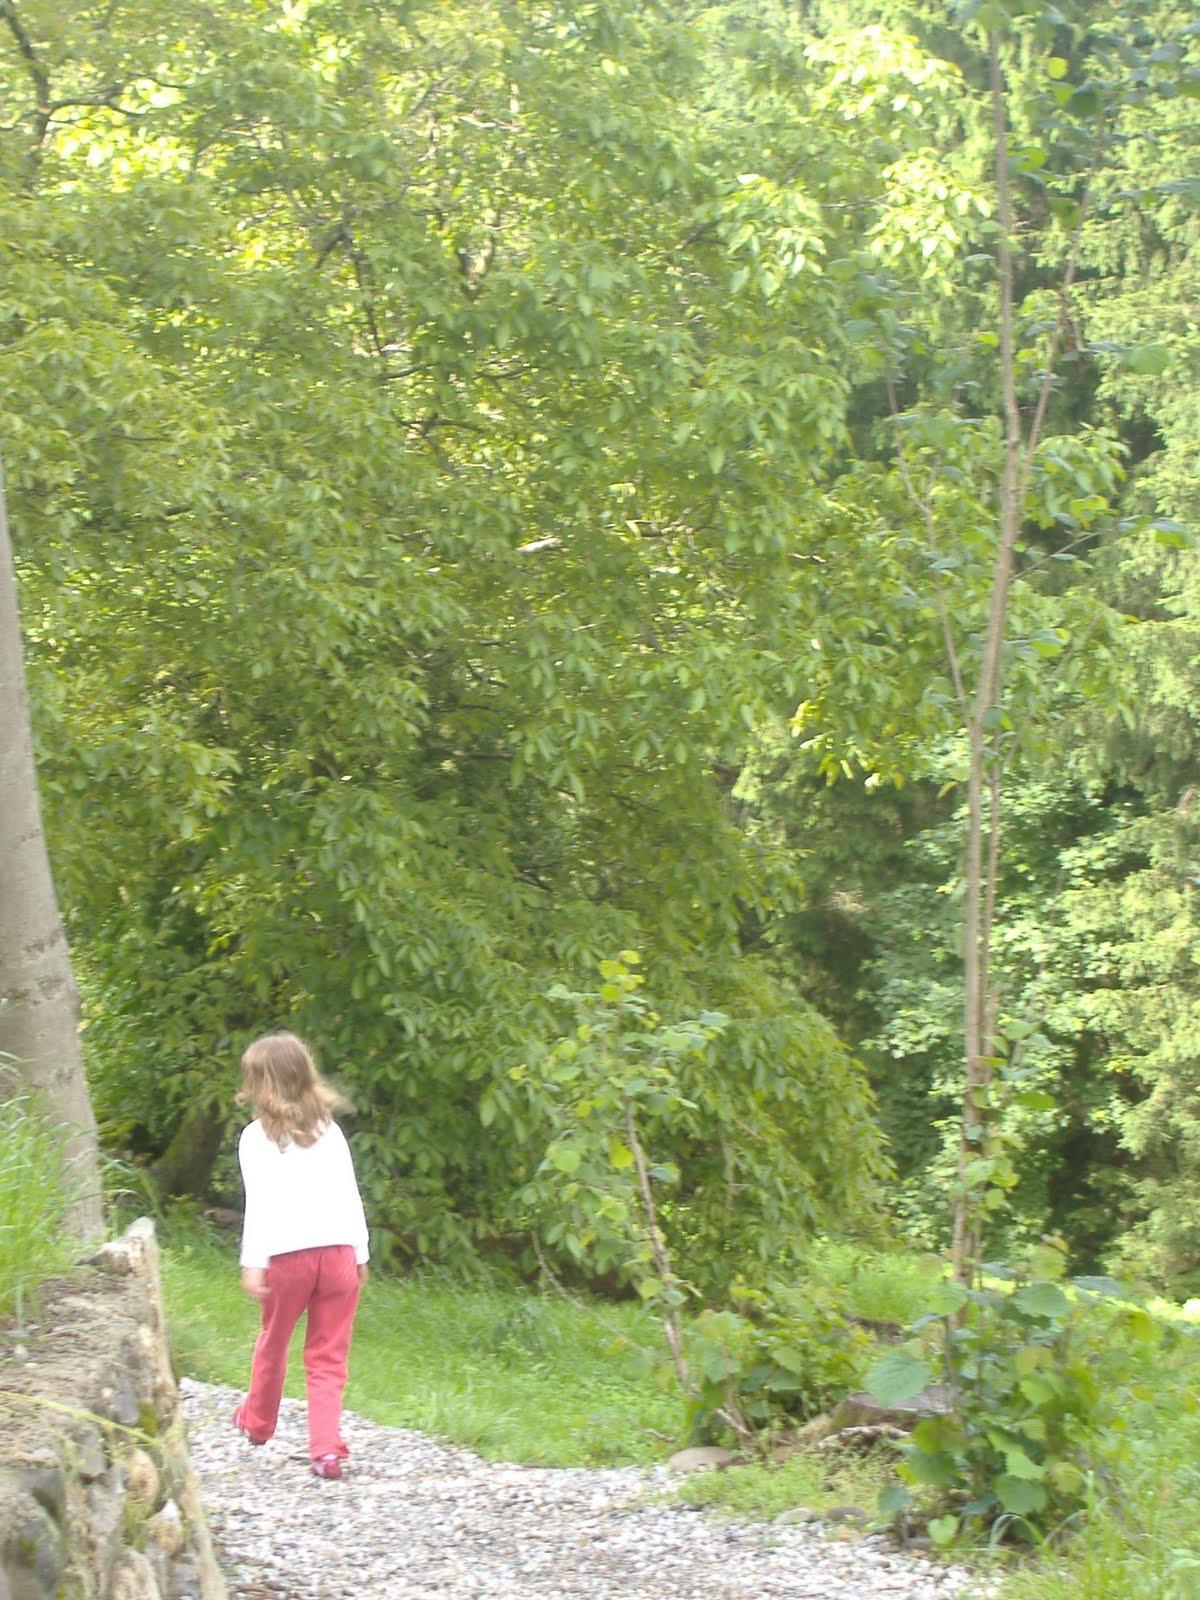 child walking away - photo #22